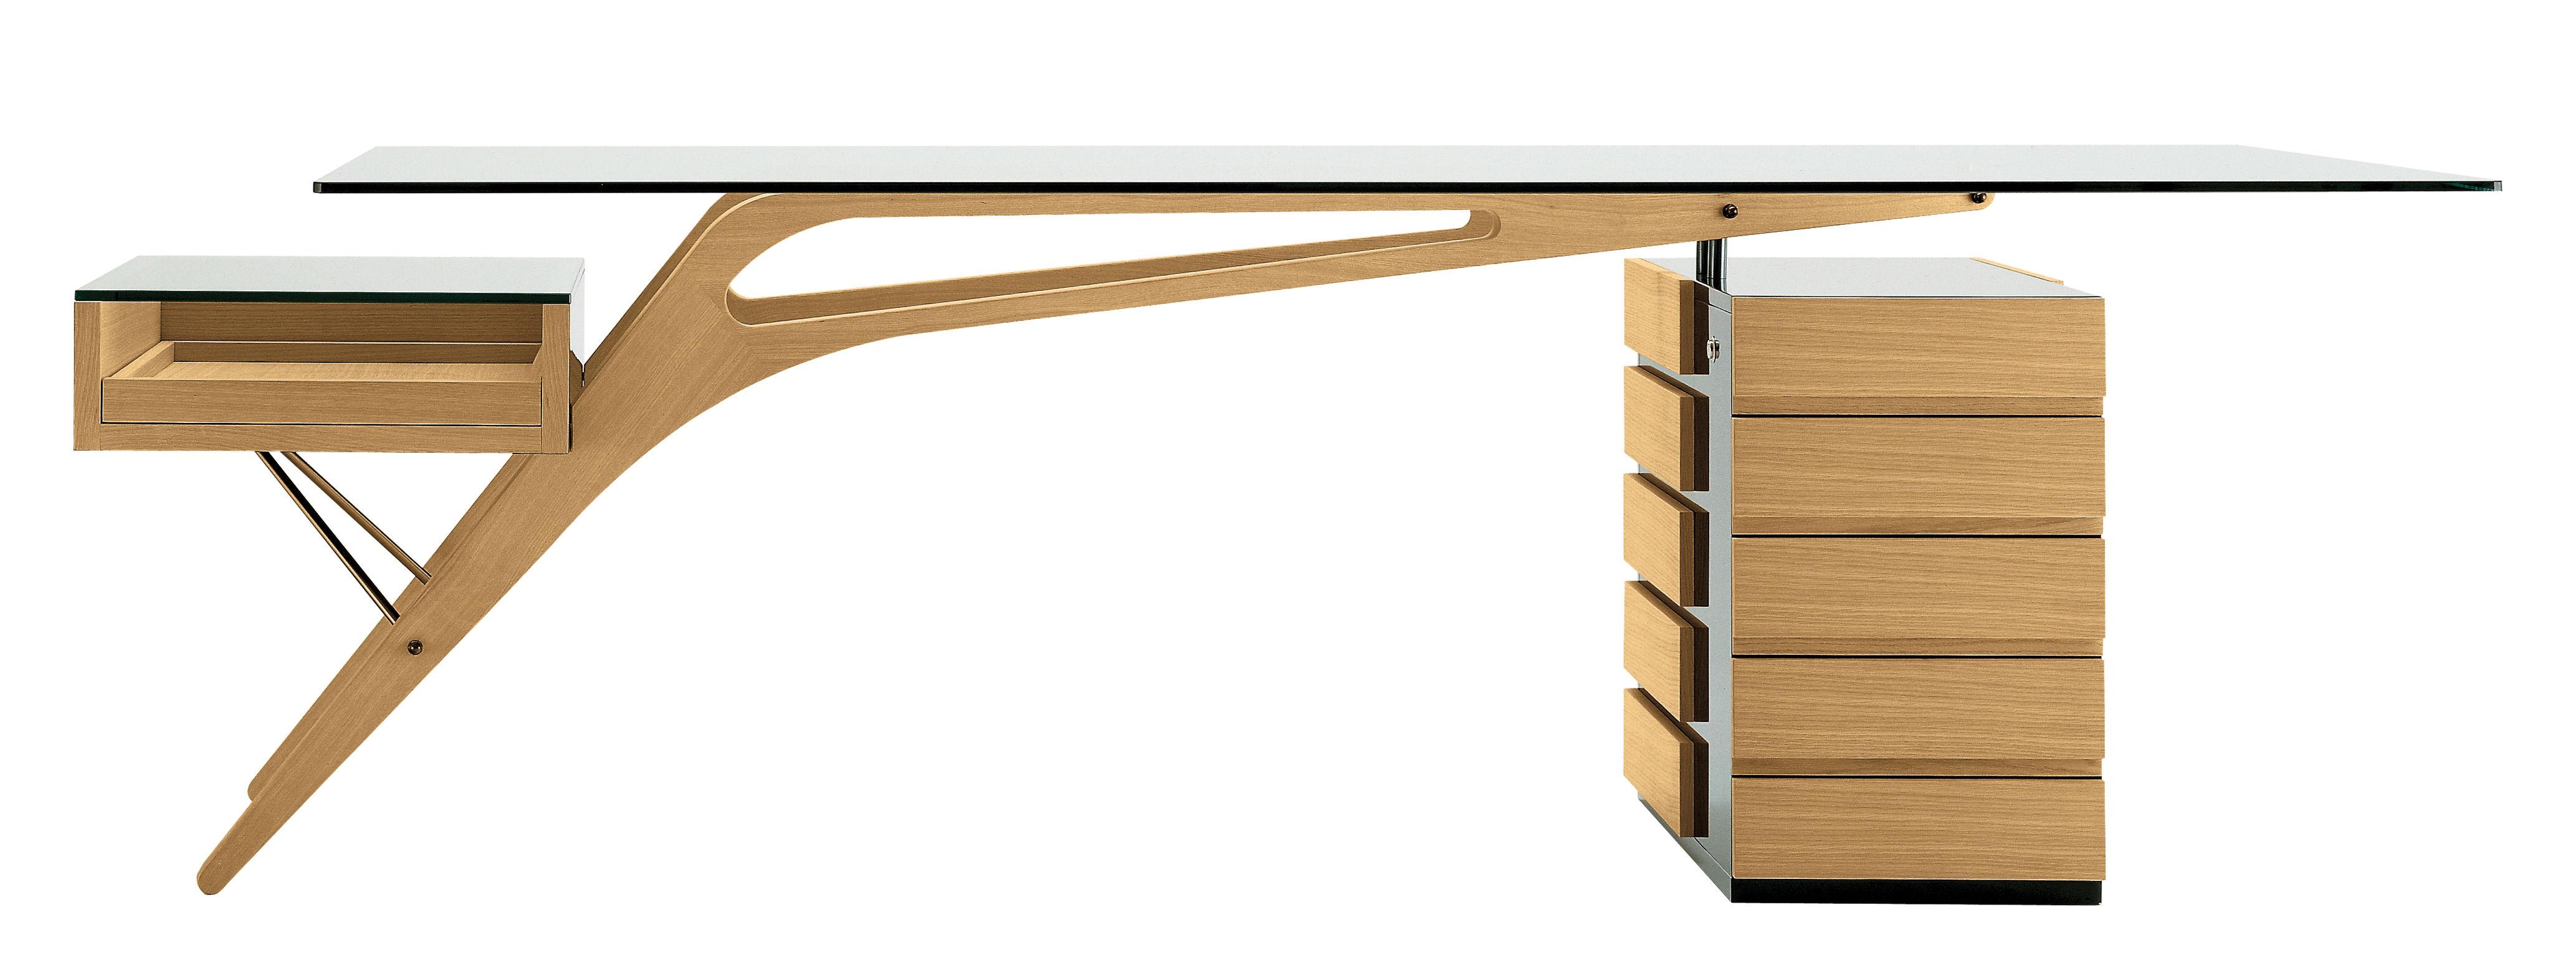 Bureau cavour bois verre 247 x 90 cm ch ne naturel for Bureau zanotta